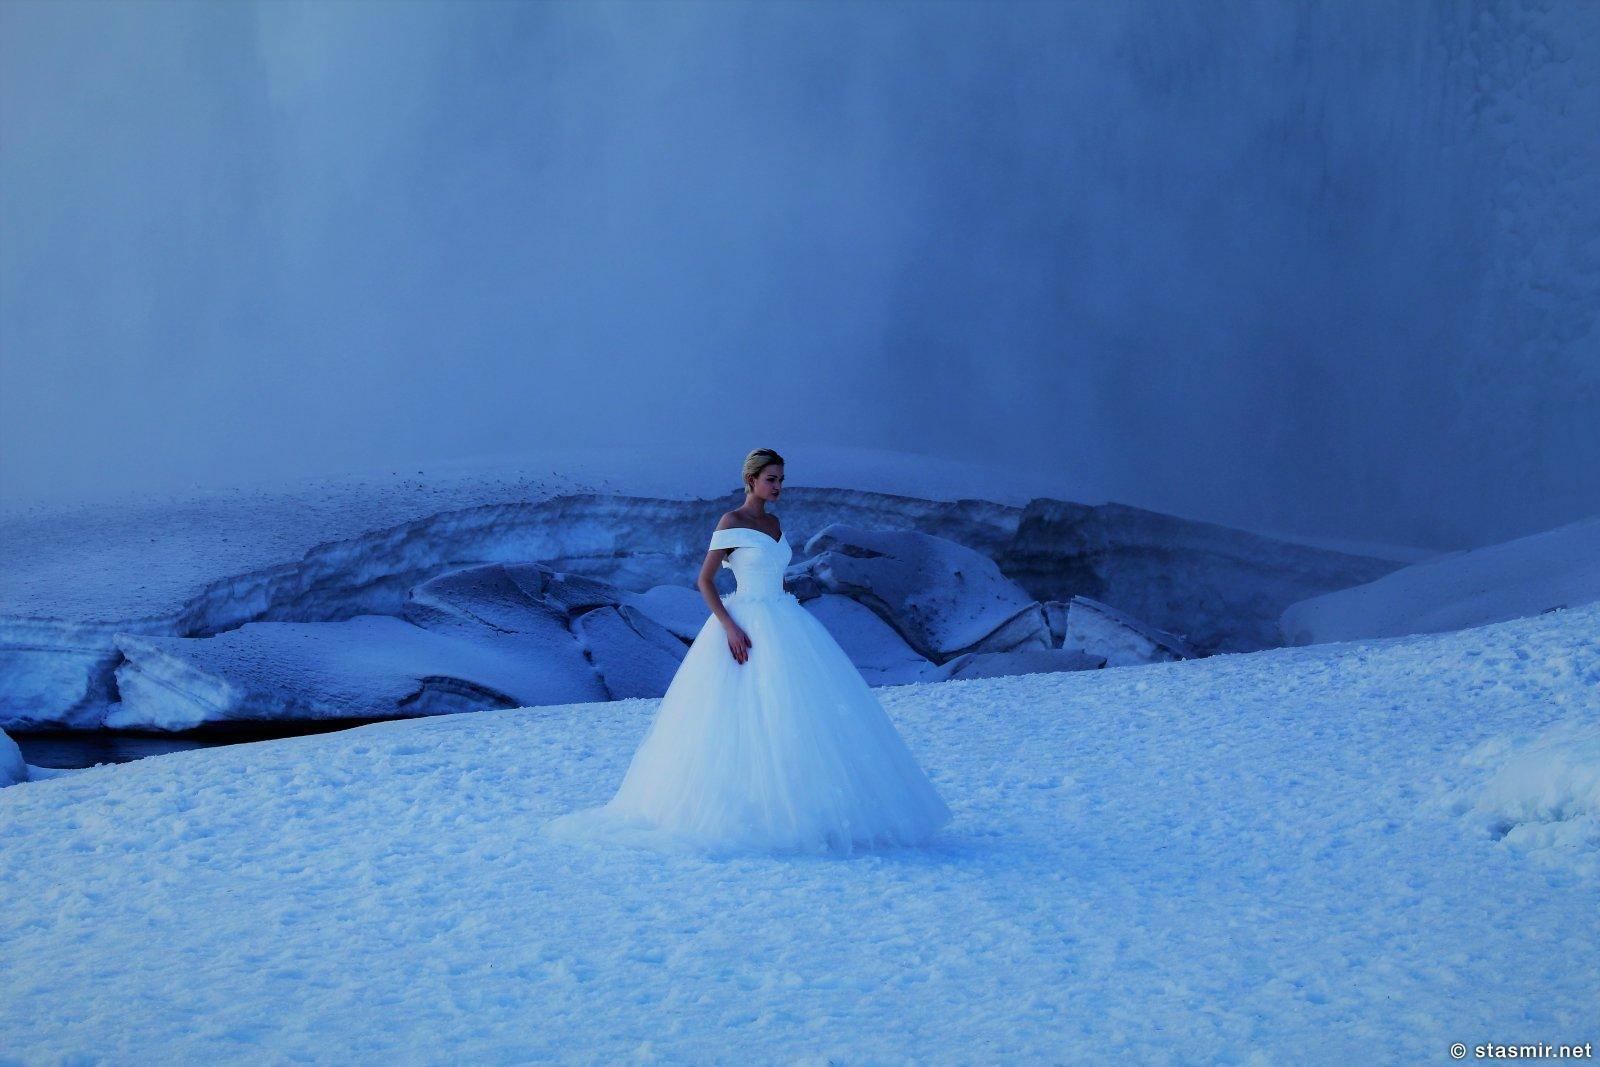 шведская невеста в Исландии, фото Стасмир, photo Stasmir